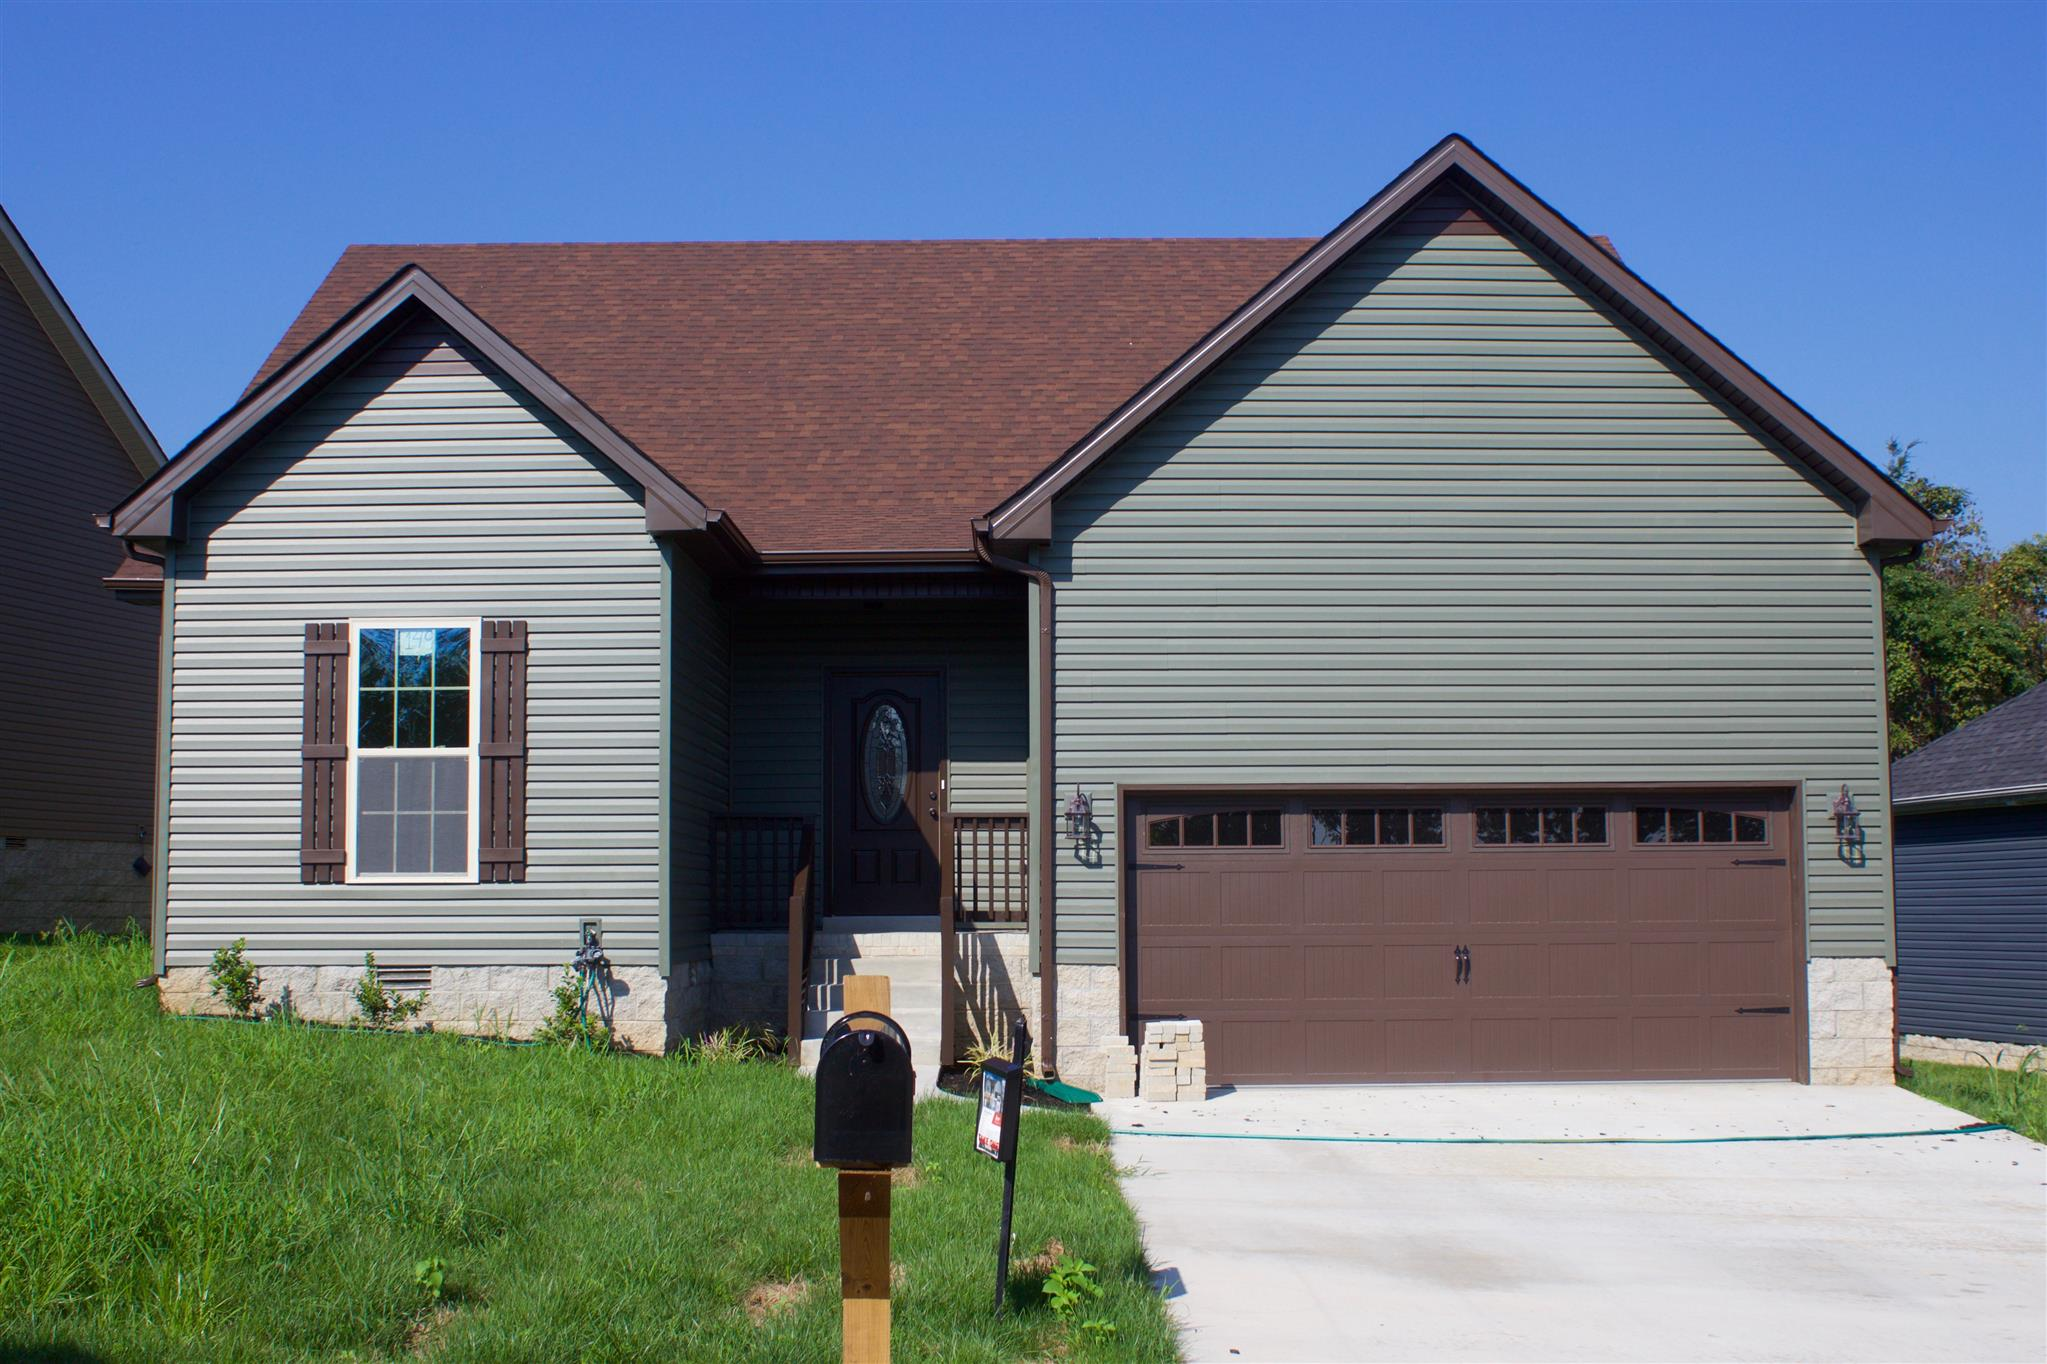 149 Camelot Hills Clarksville, TN 37040